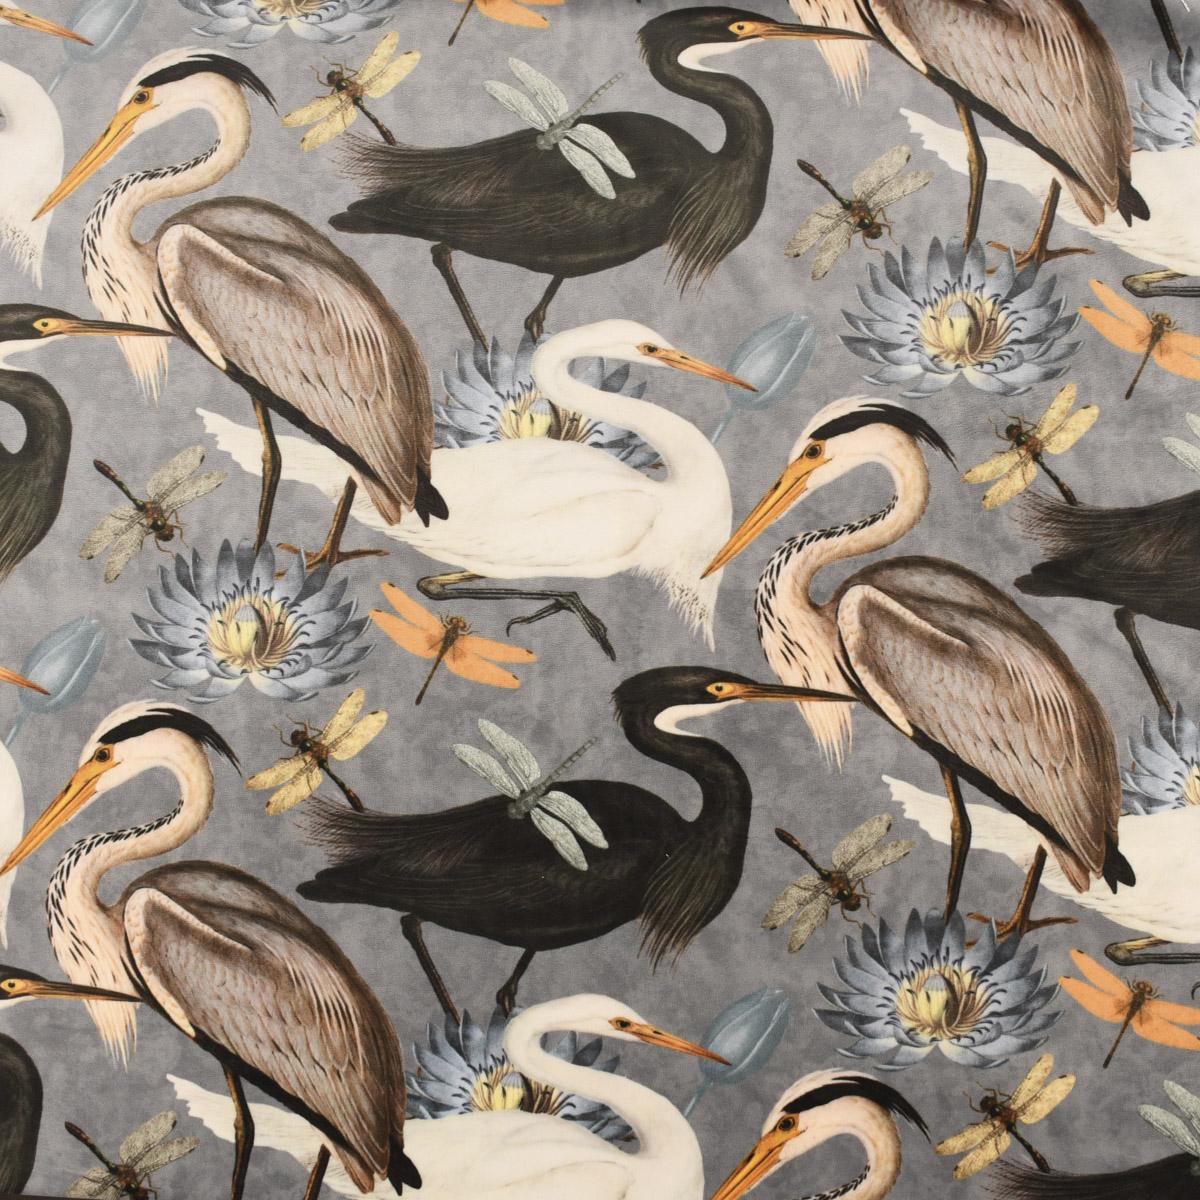 Samtstoff Dekostoff Velvet Samt Heron Bird Kranich Reiher Asia grau 1,45m